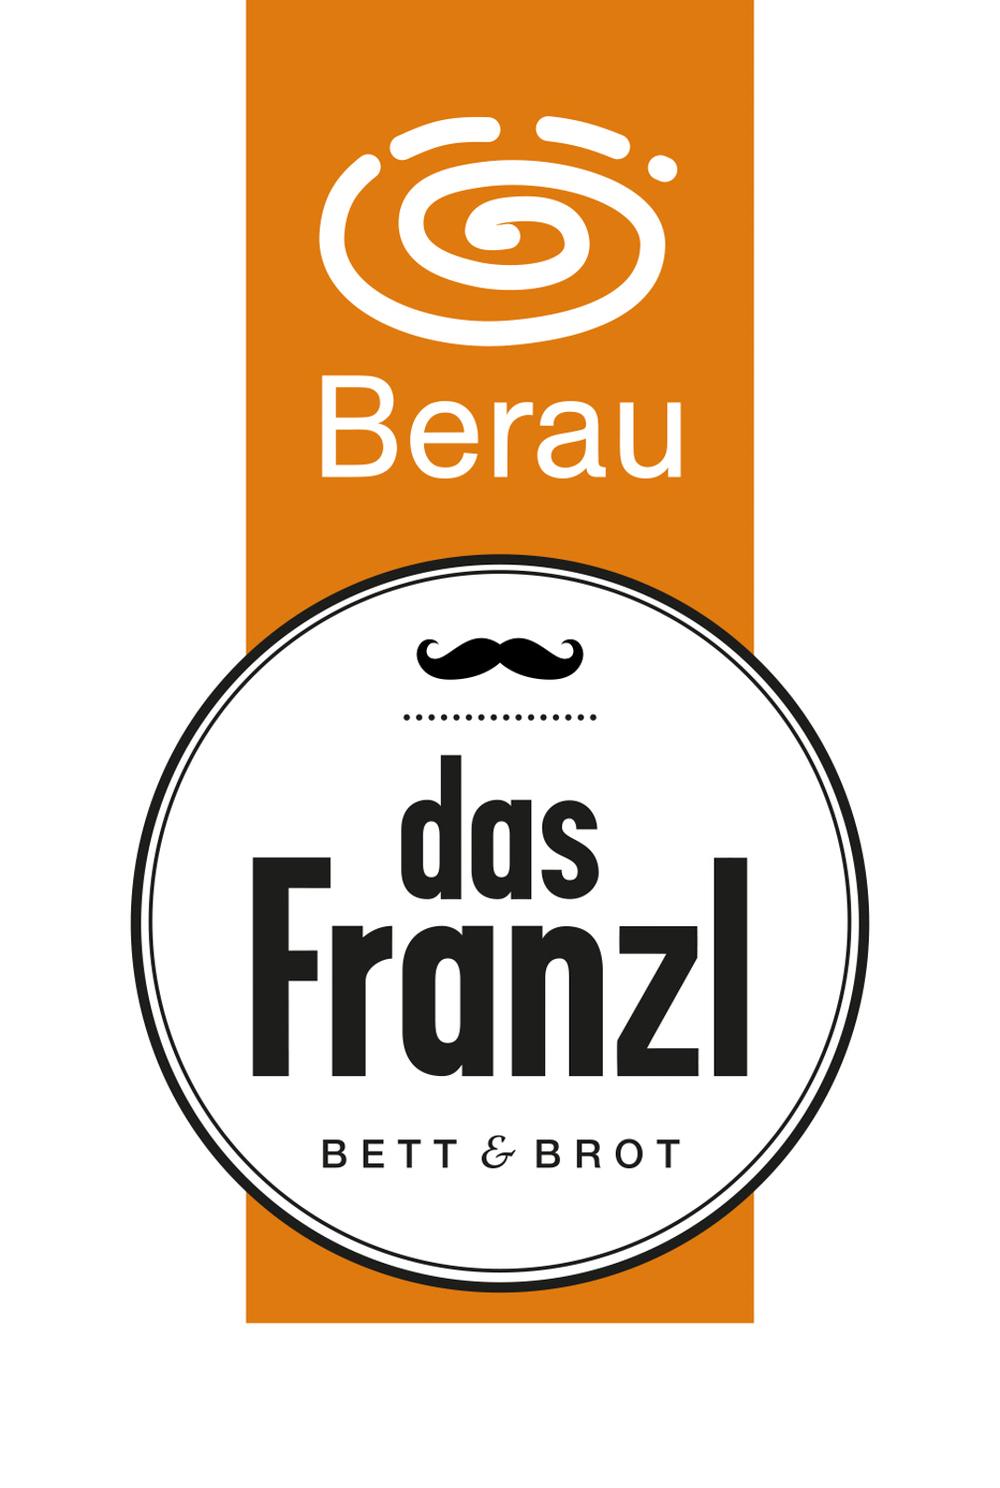 006 Logos Berau 1.jpg